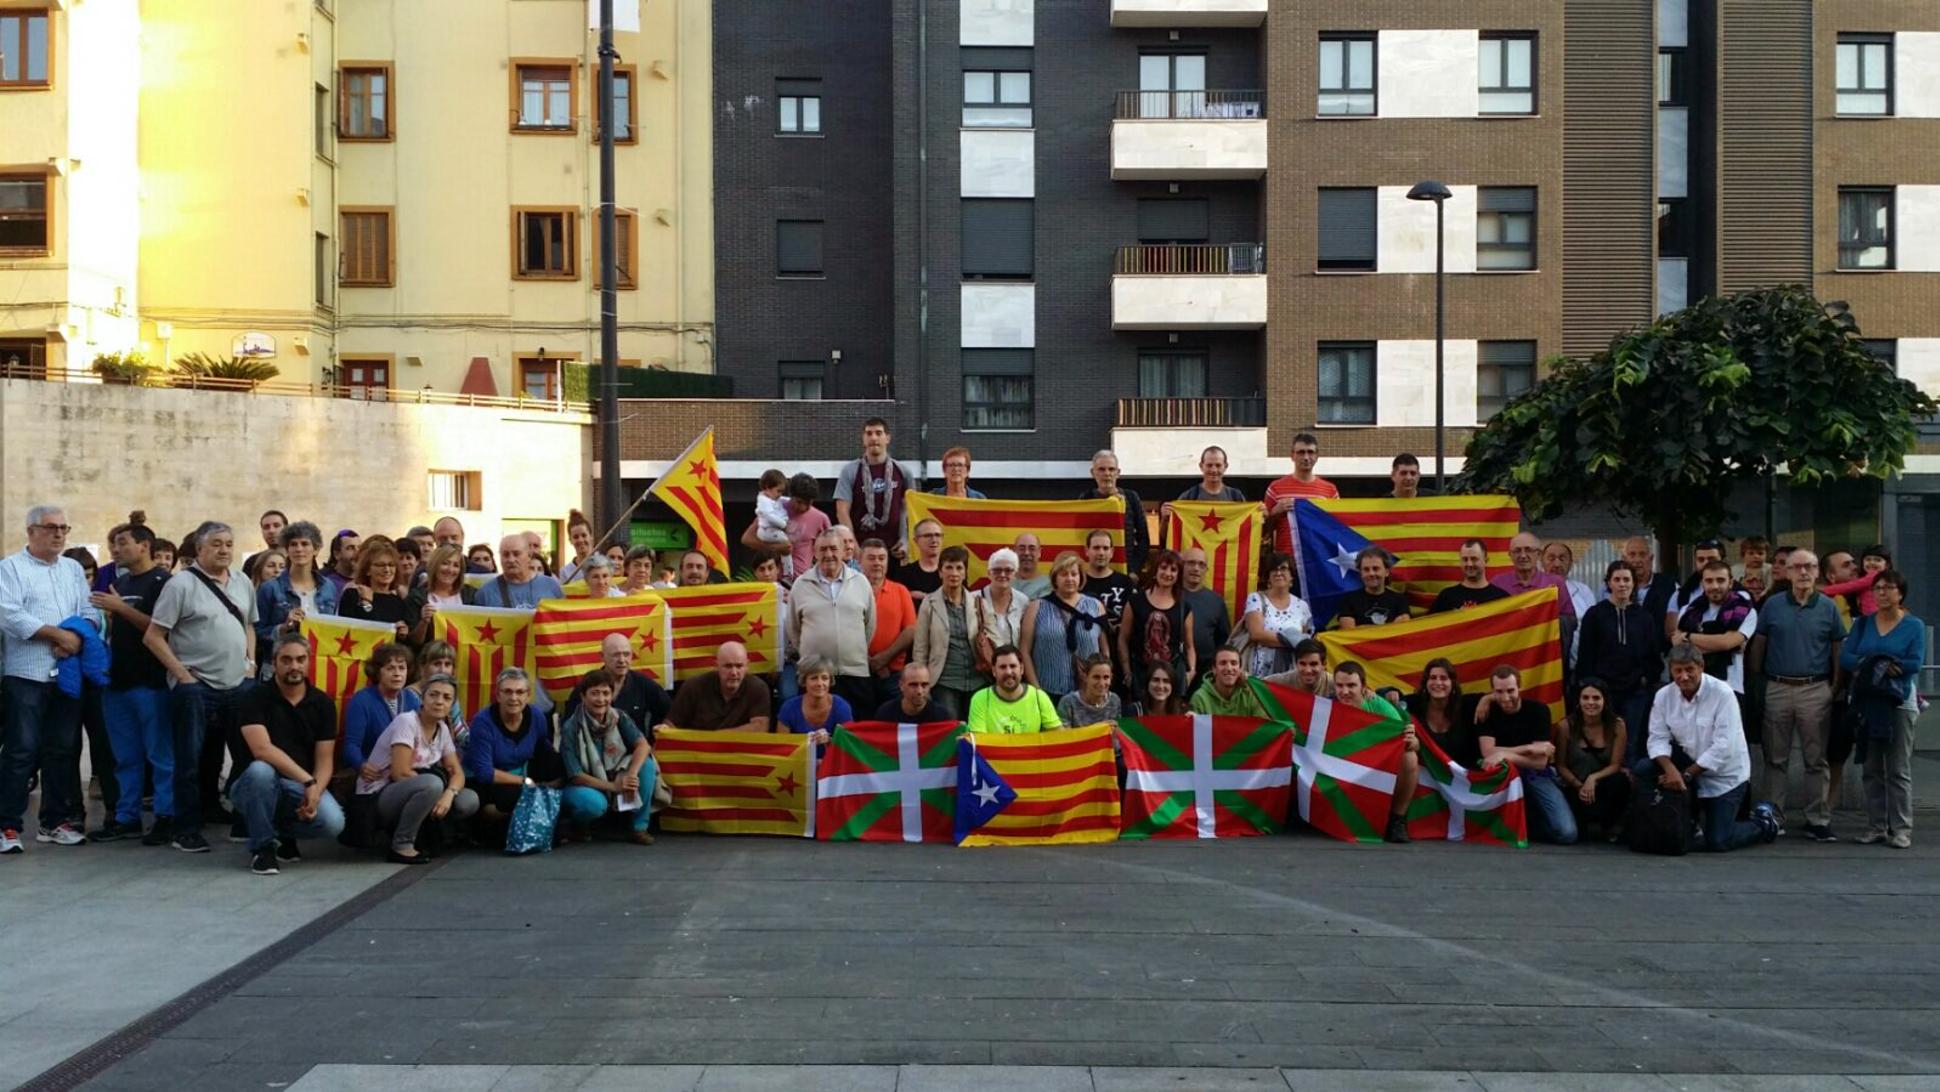 galdakao kataluniarekin bat 2017 kontzentrazioa 1